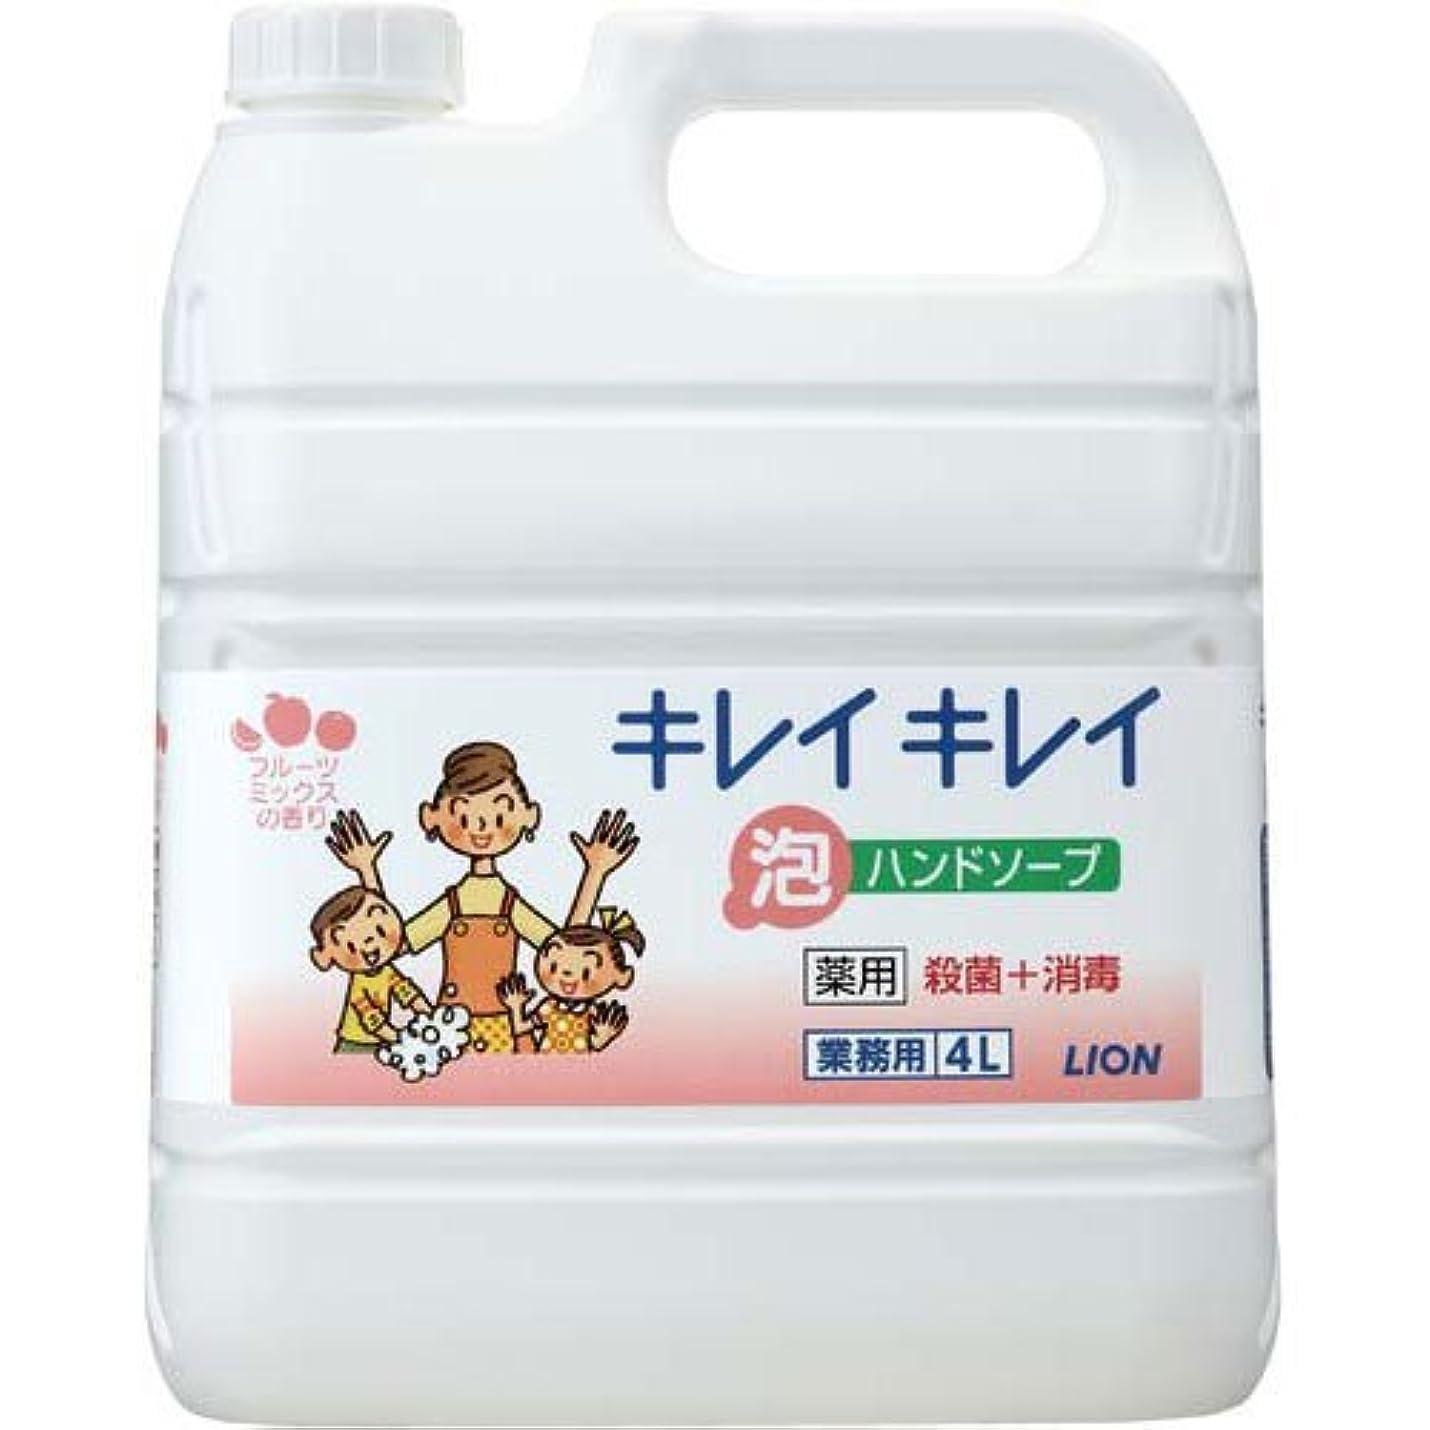 防止吸収するよりライオンハイジーン キレイキレイ薬用泡ハンドSフルーツM詰替4L×3本